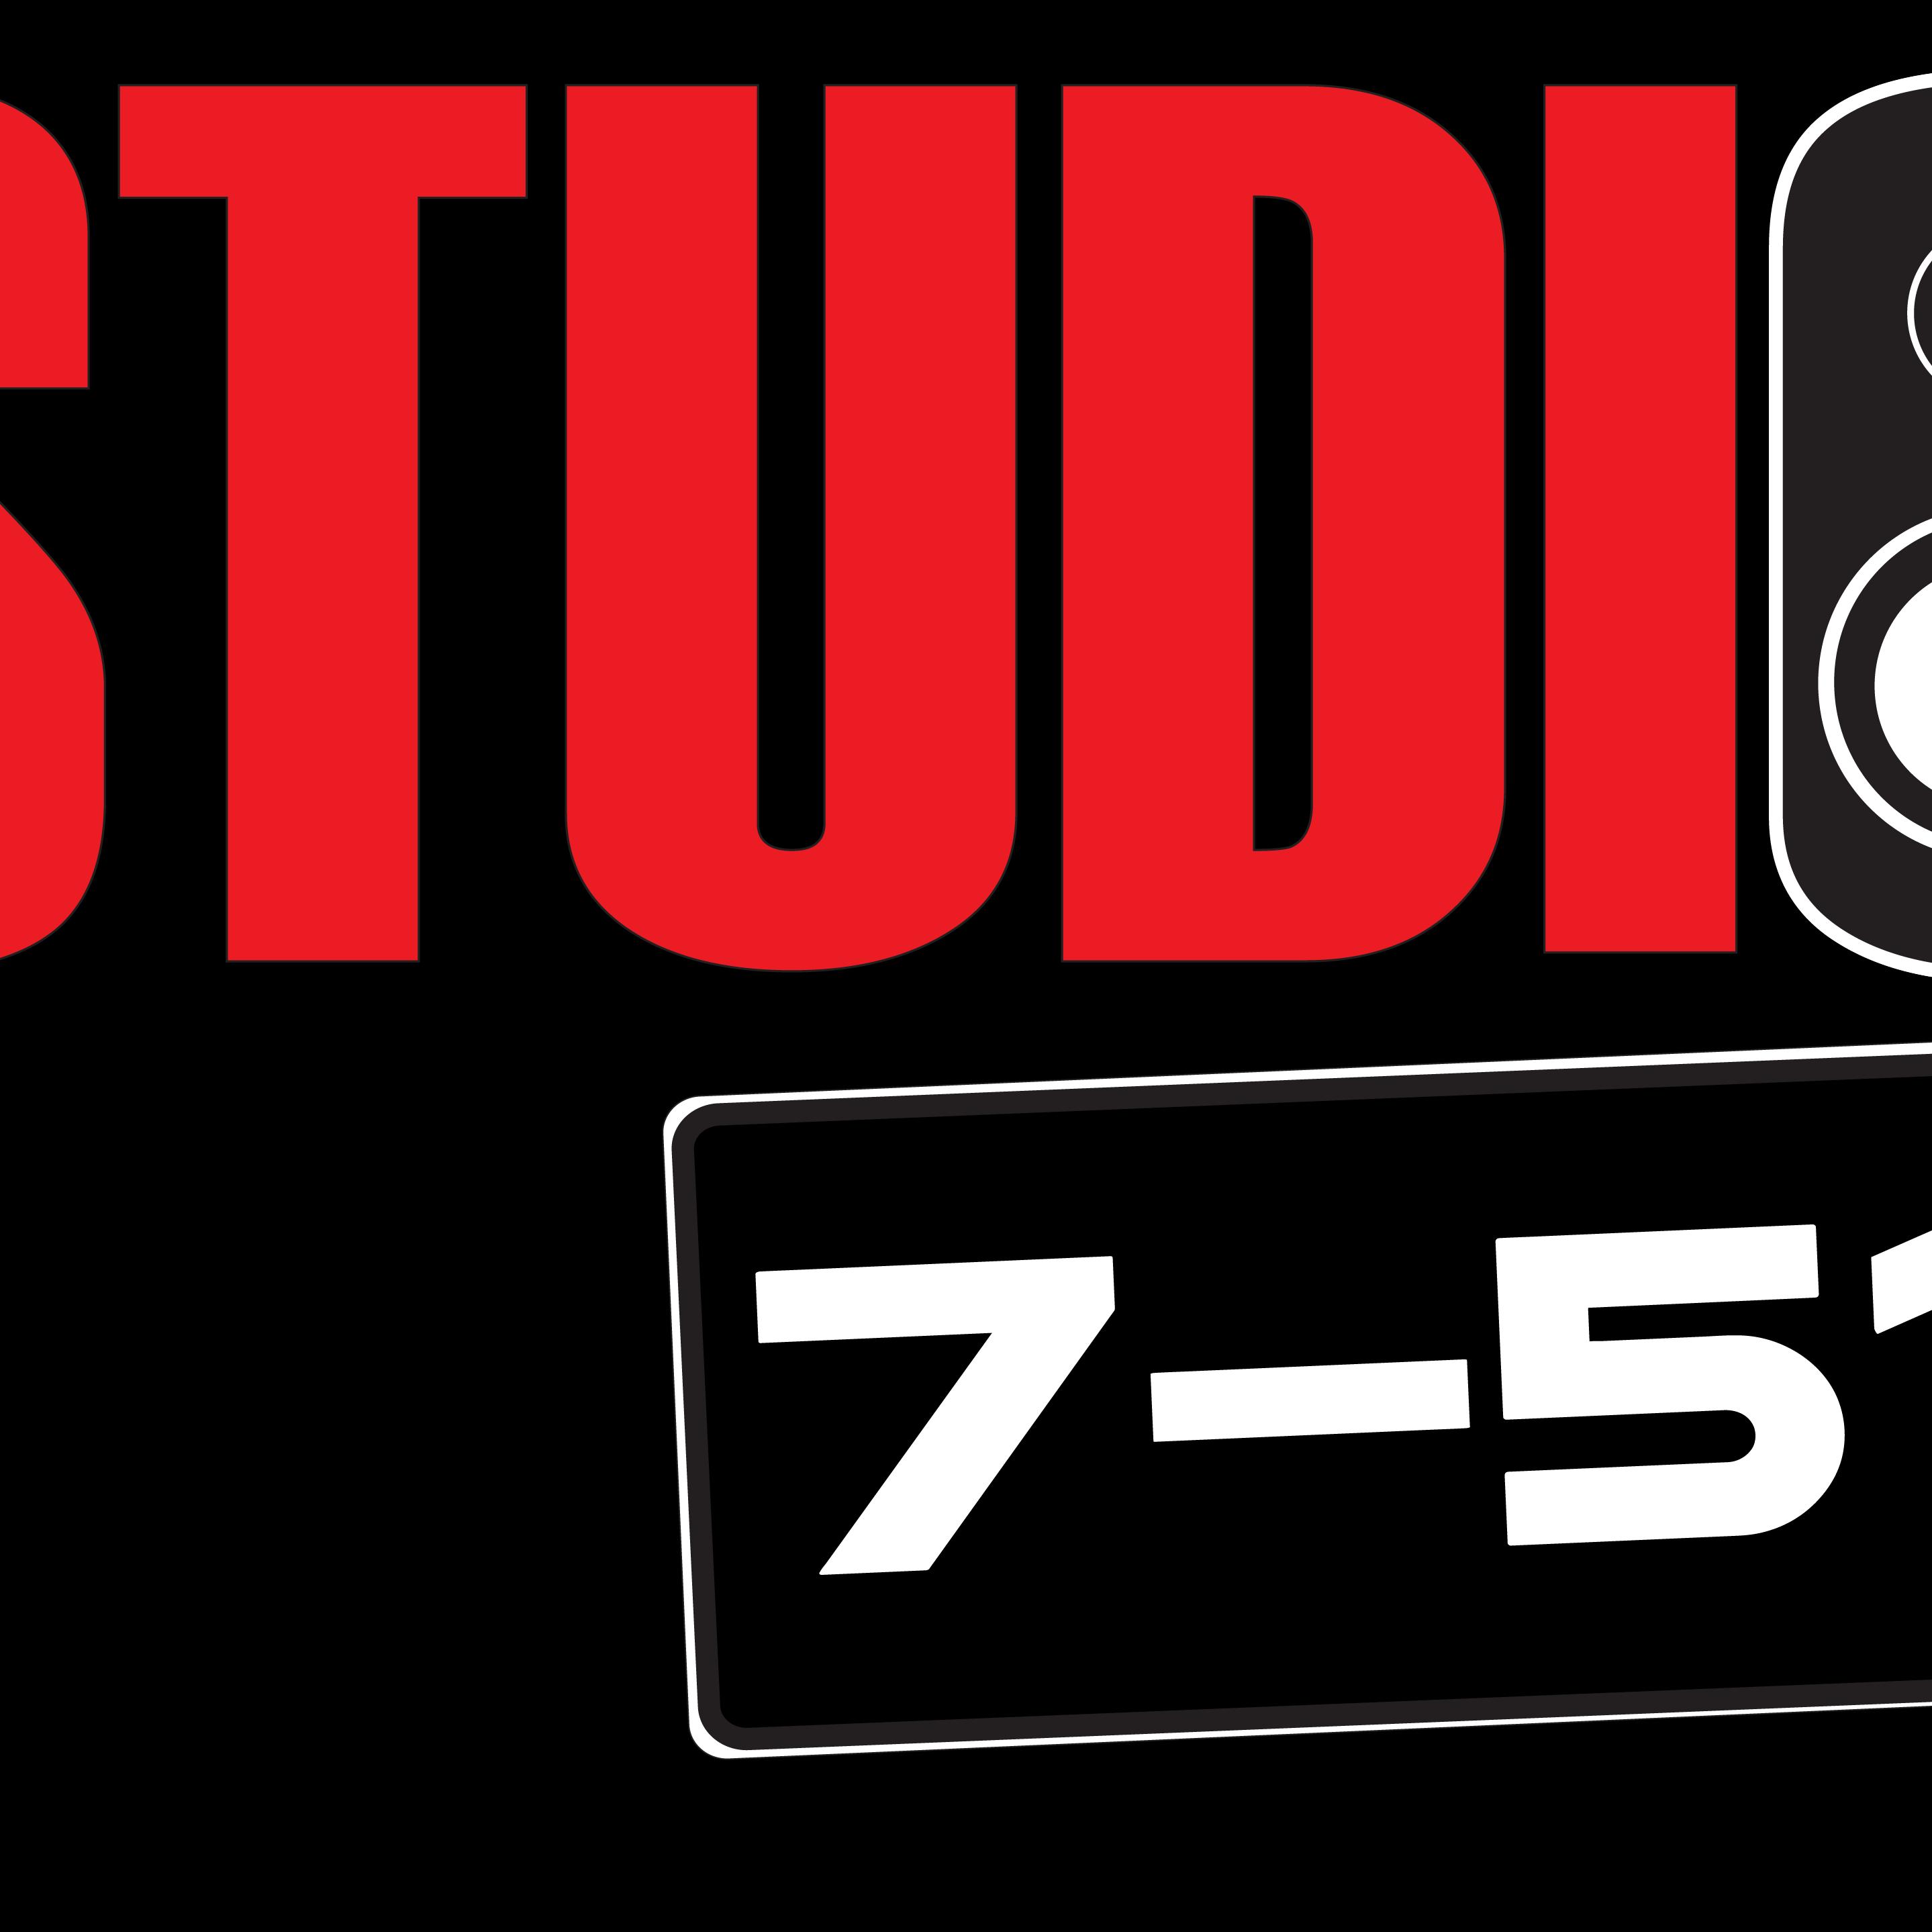 Studio 751